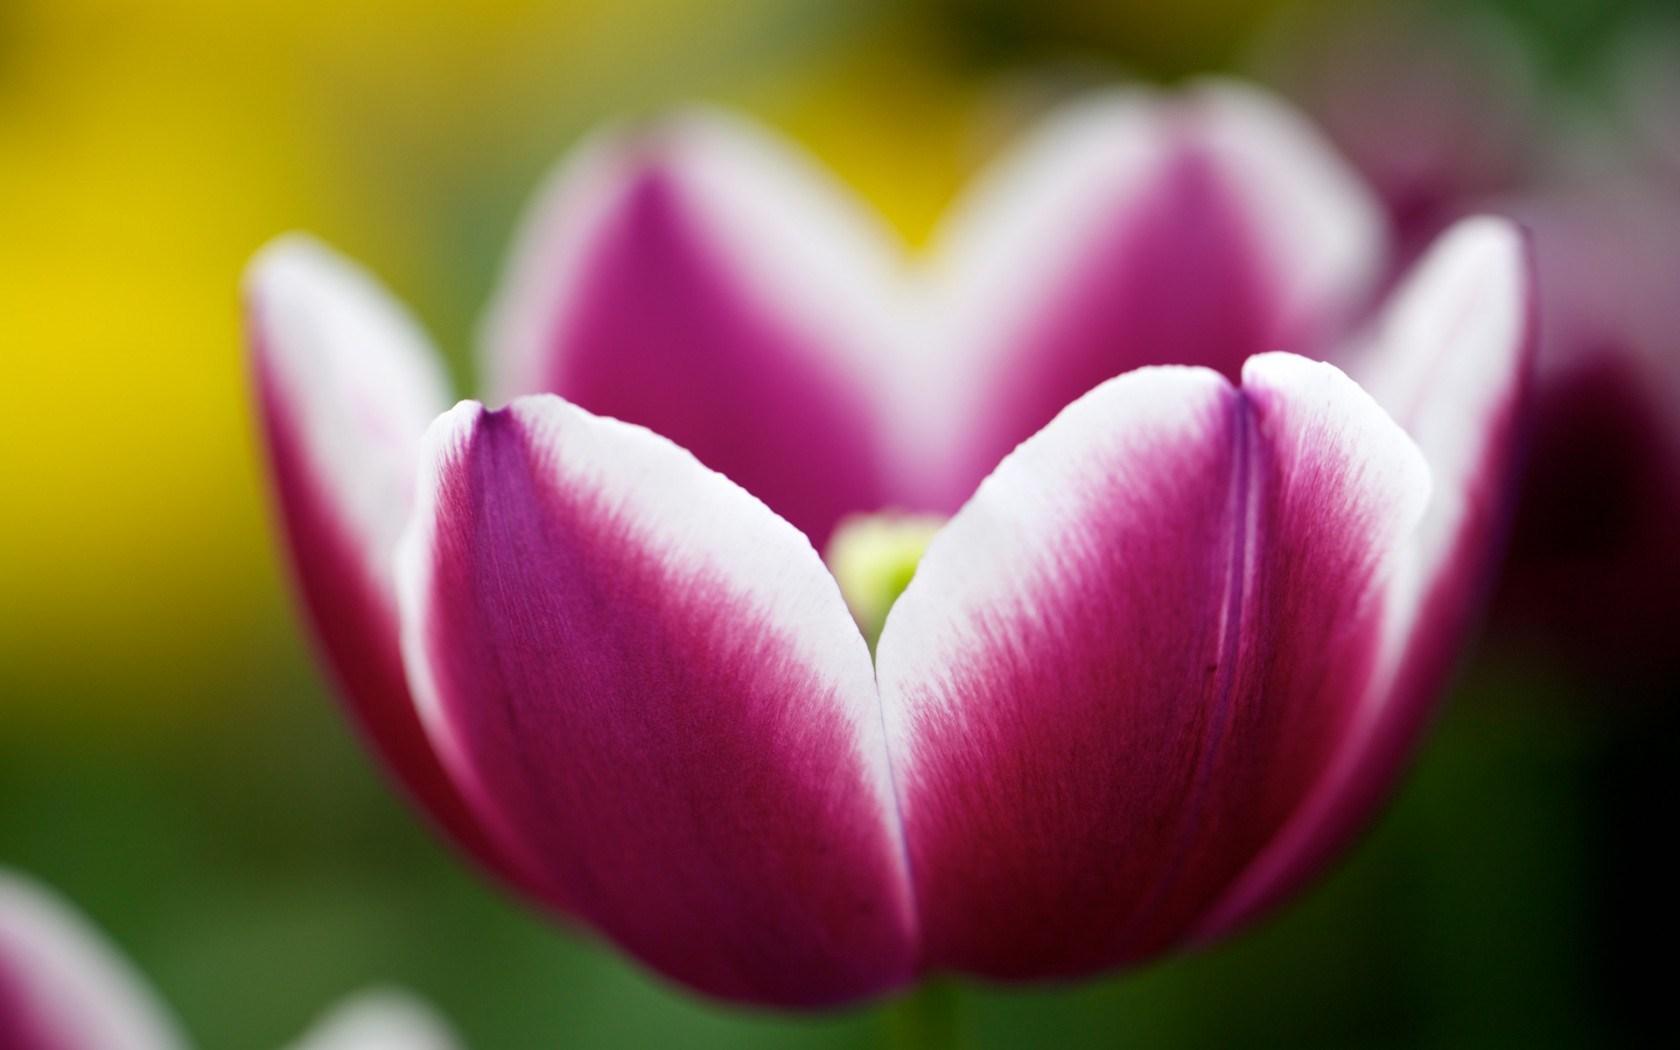 Flower Tulip Macro Close-Up